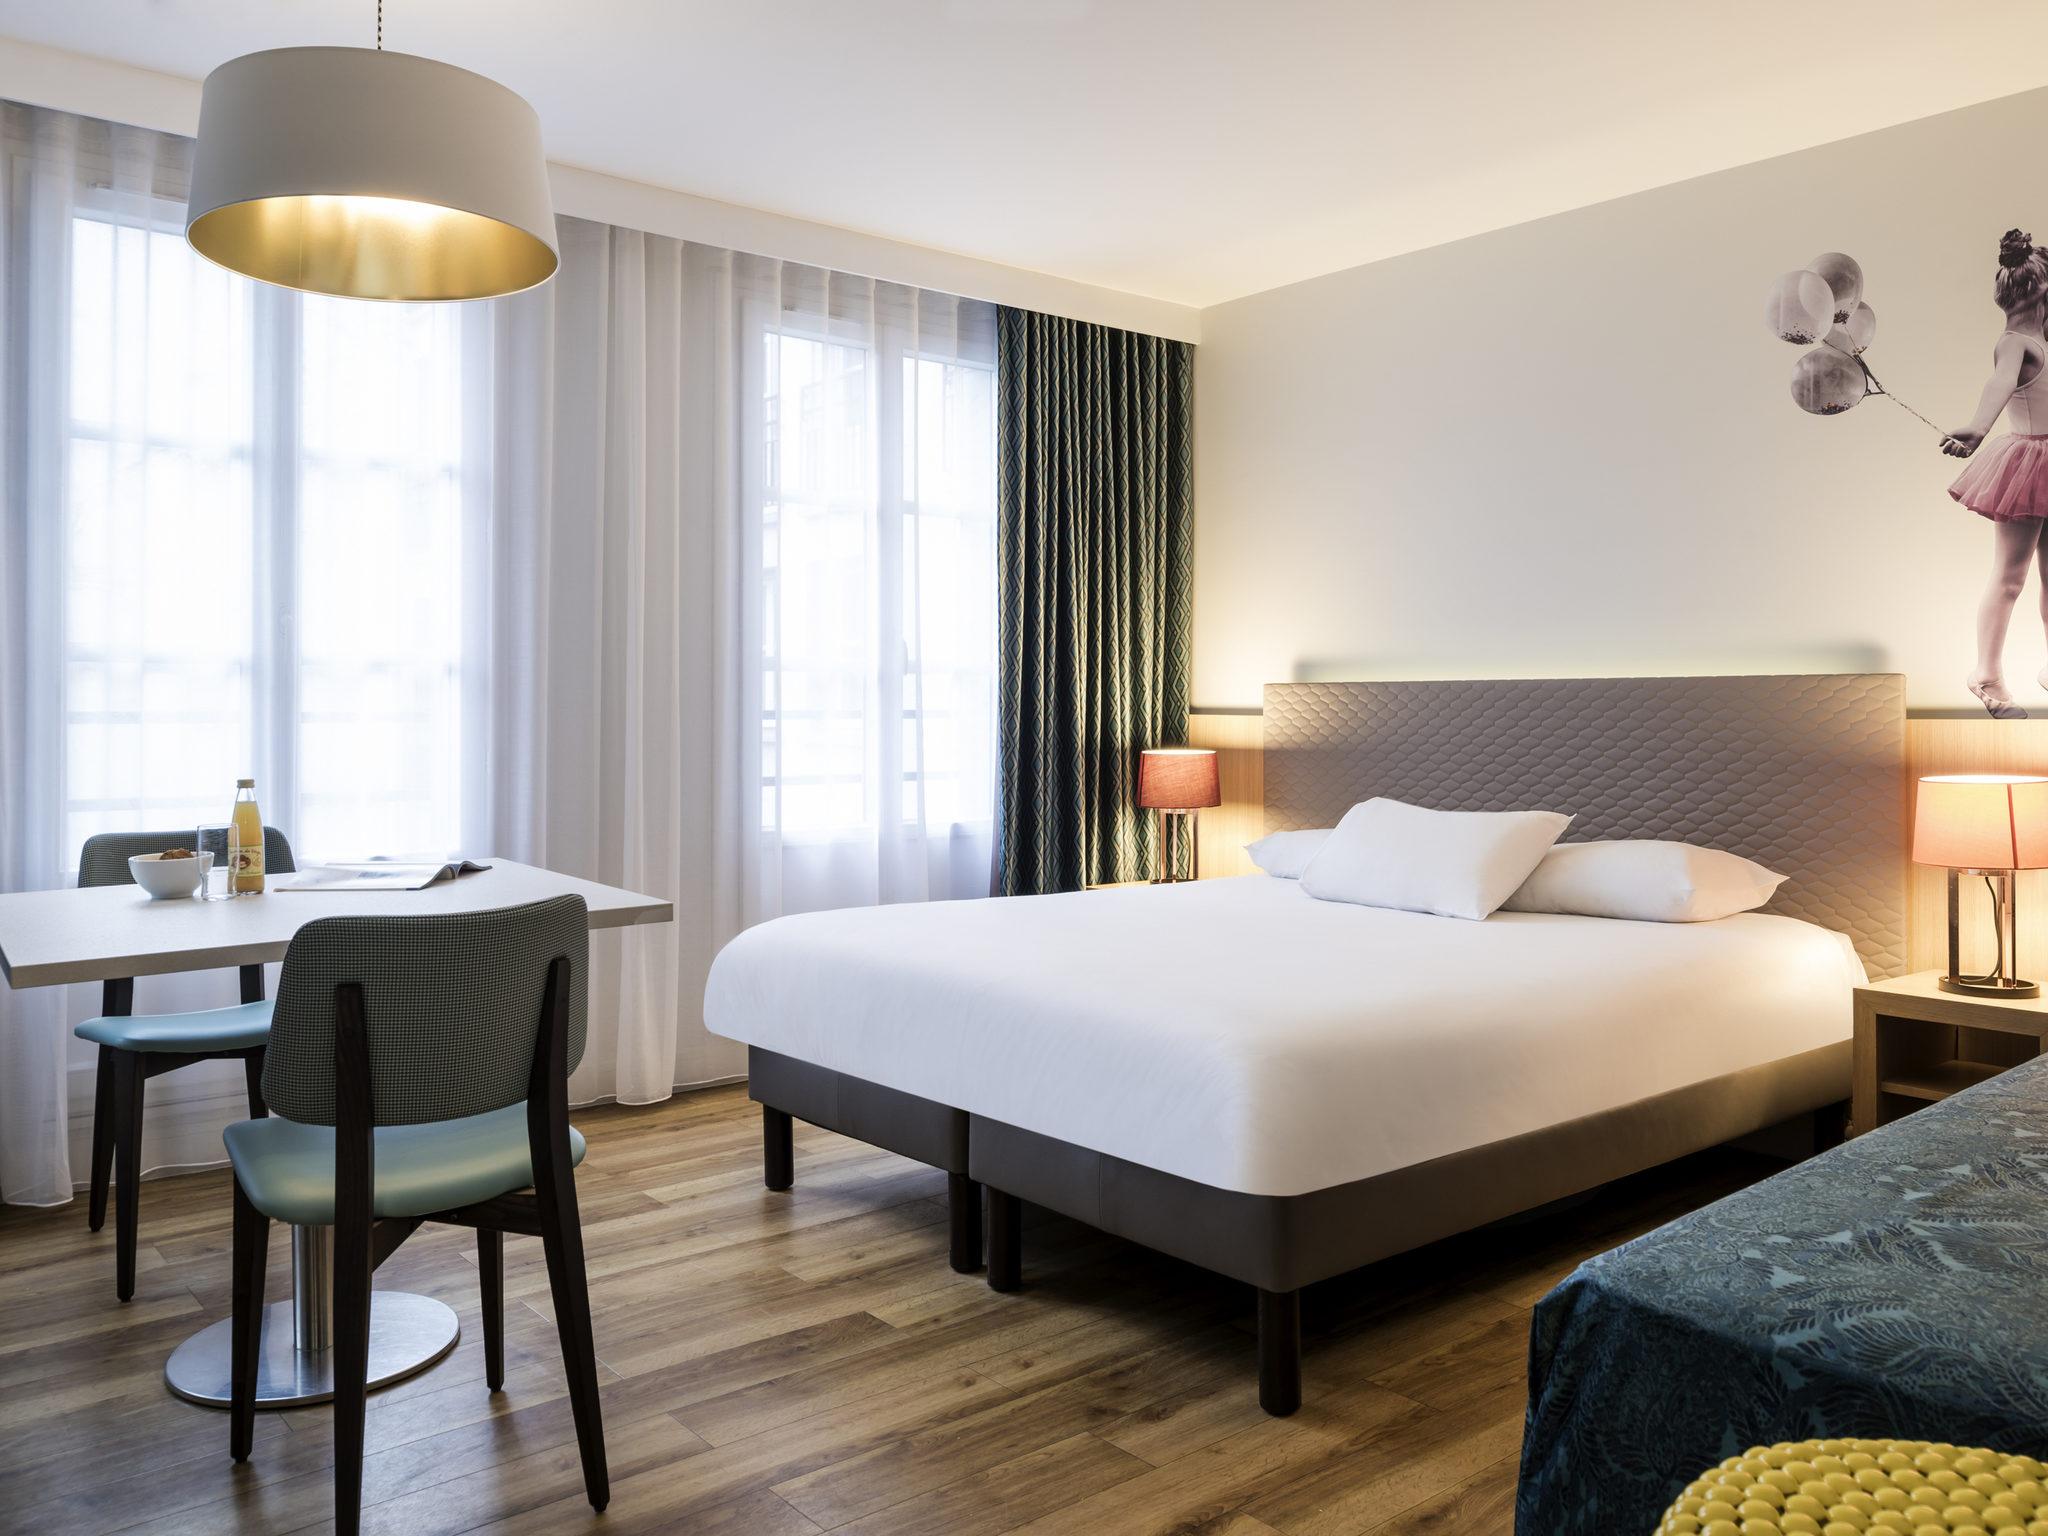 Hotel in PARIS - Aparthotel Adagio Paris Montmartre